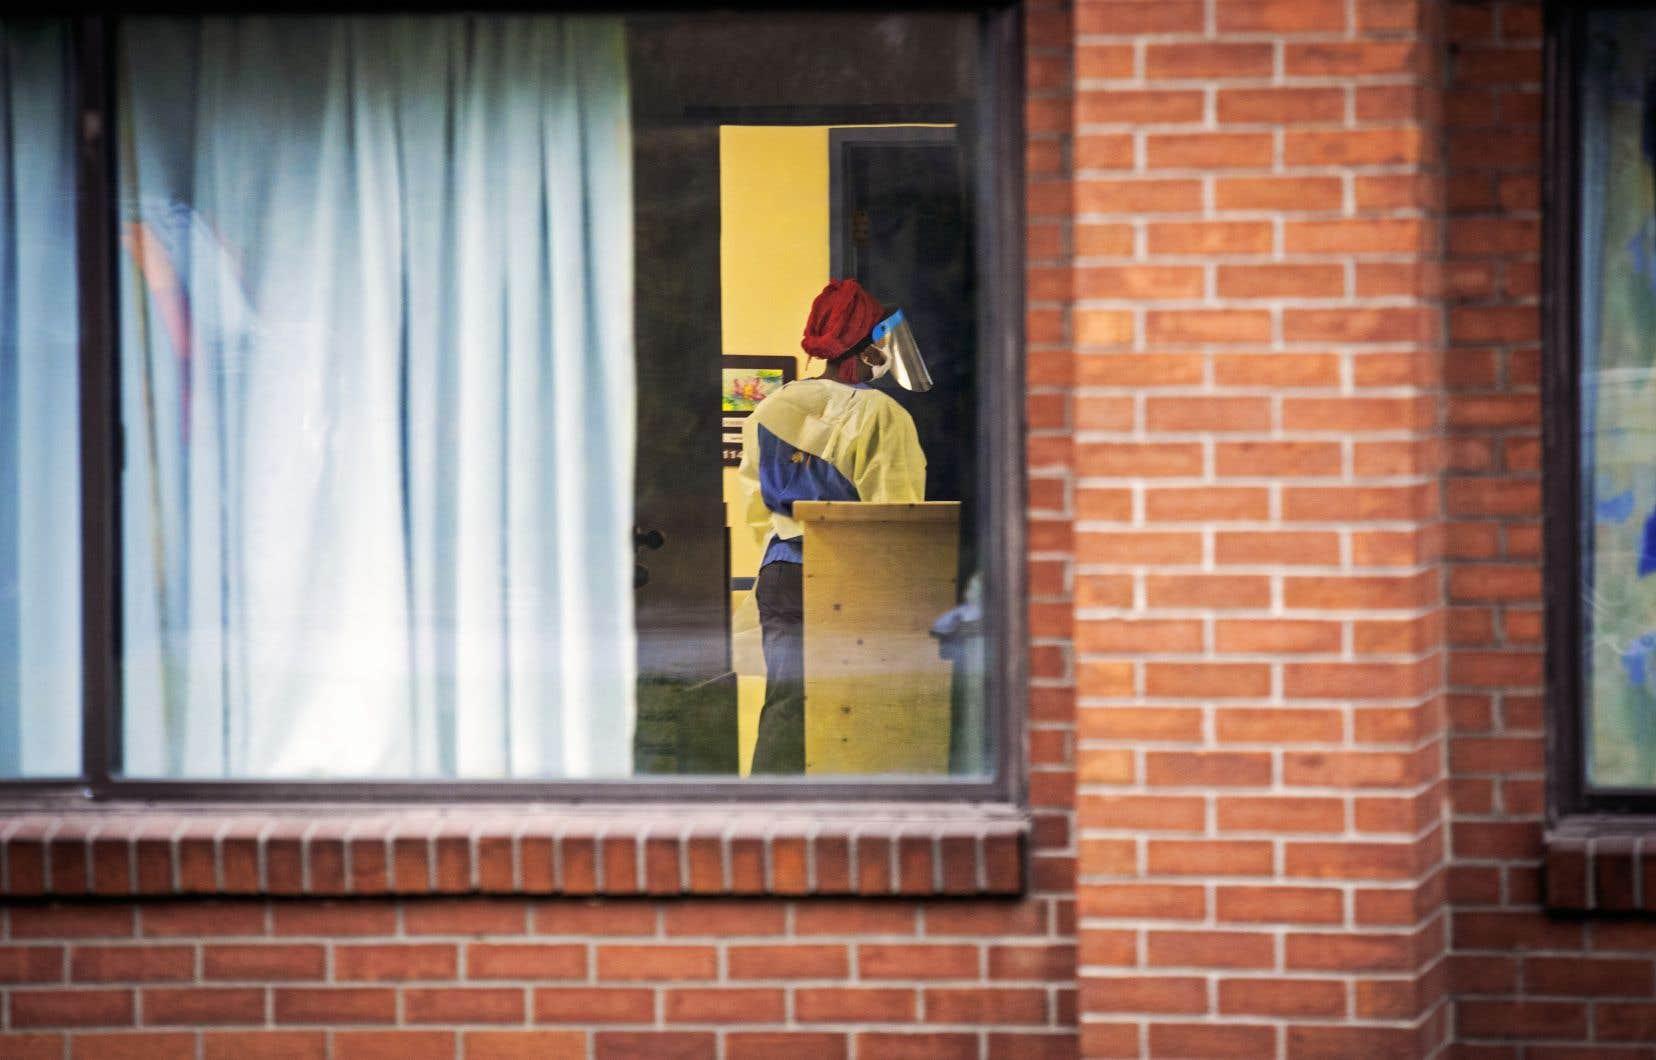 L'enquête de la coroner se penche sur les décès de personnes âgées ou vulnérables survenus dans des milieux d'hébergement au cours de la pandémie de COVID-19, qui comptent pour la moitié des victimes de la première vague.